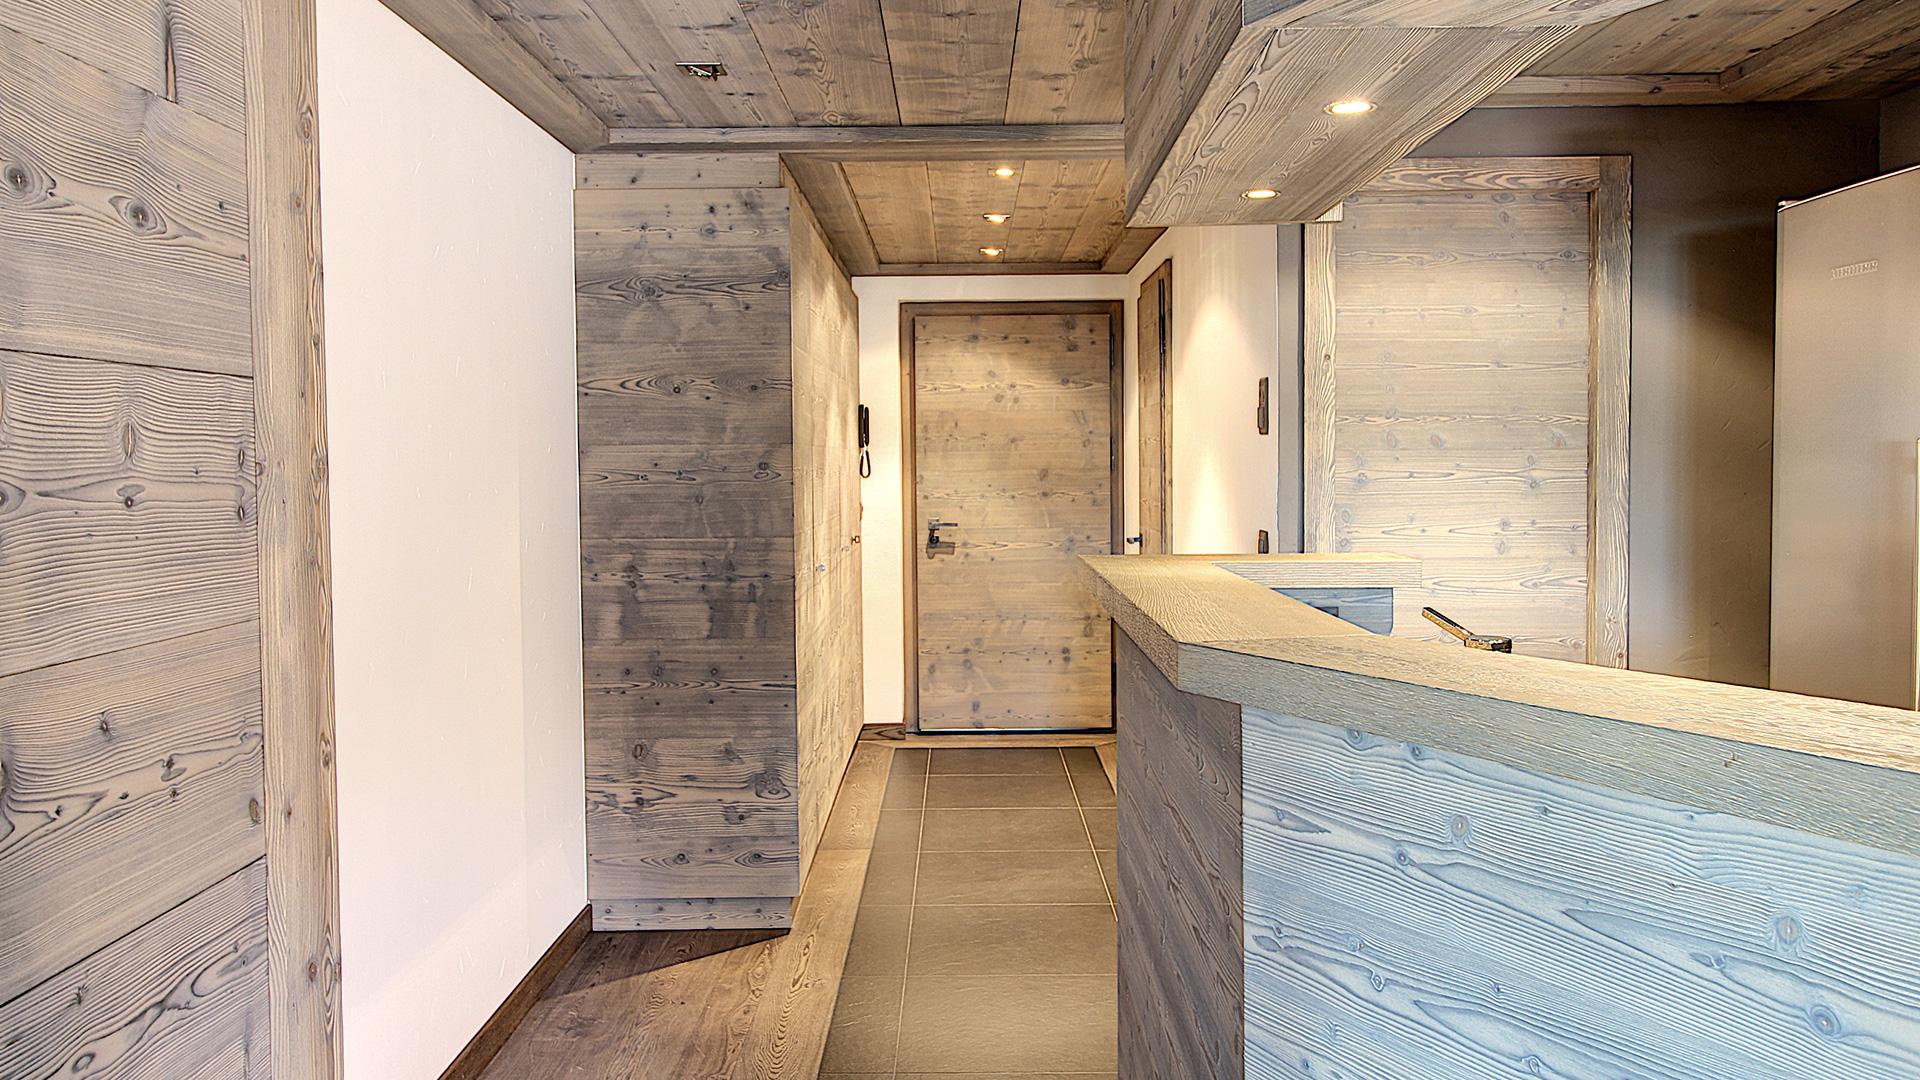 Kookaburra Apartments, Switzerland